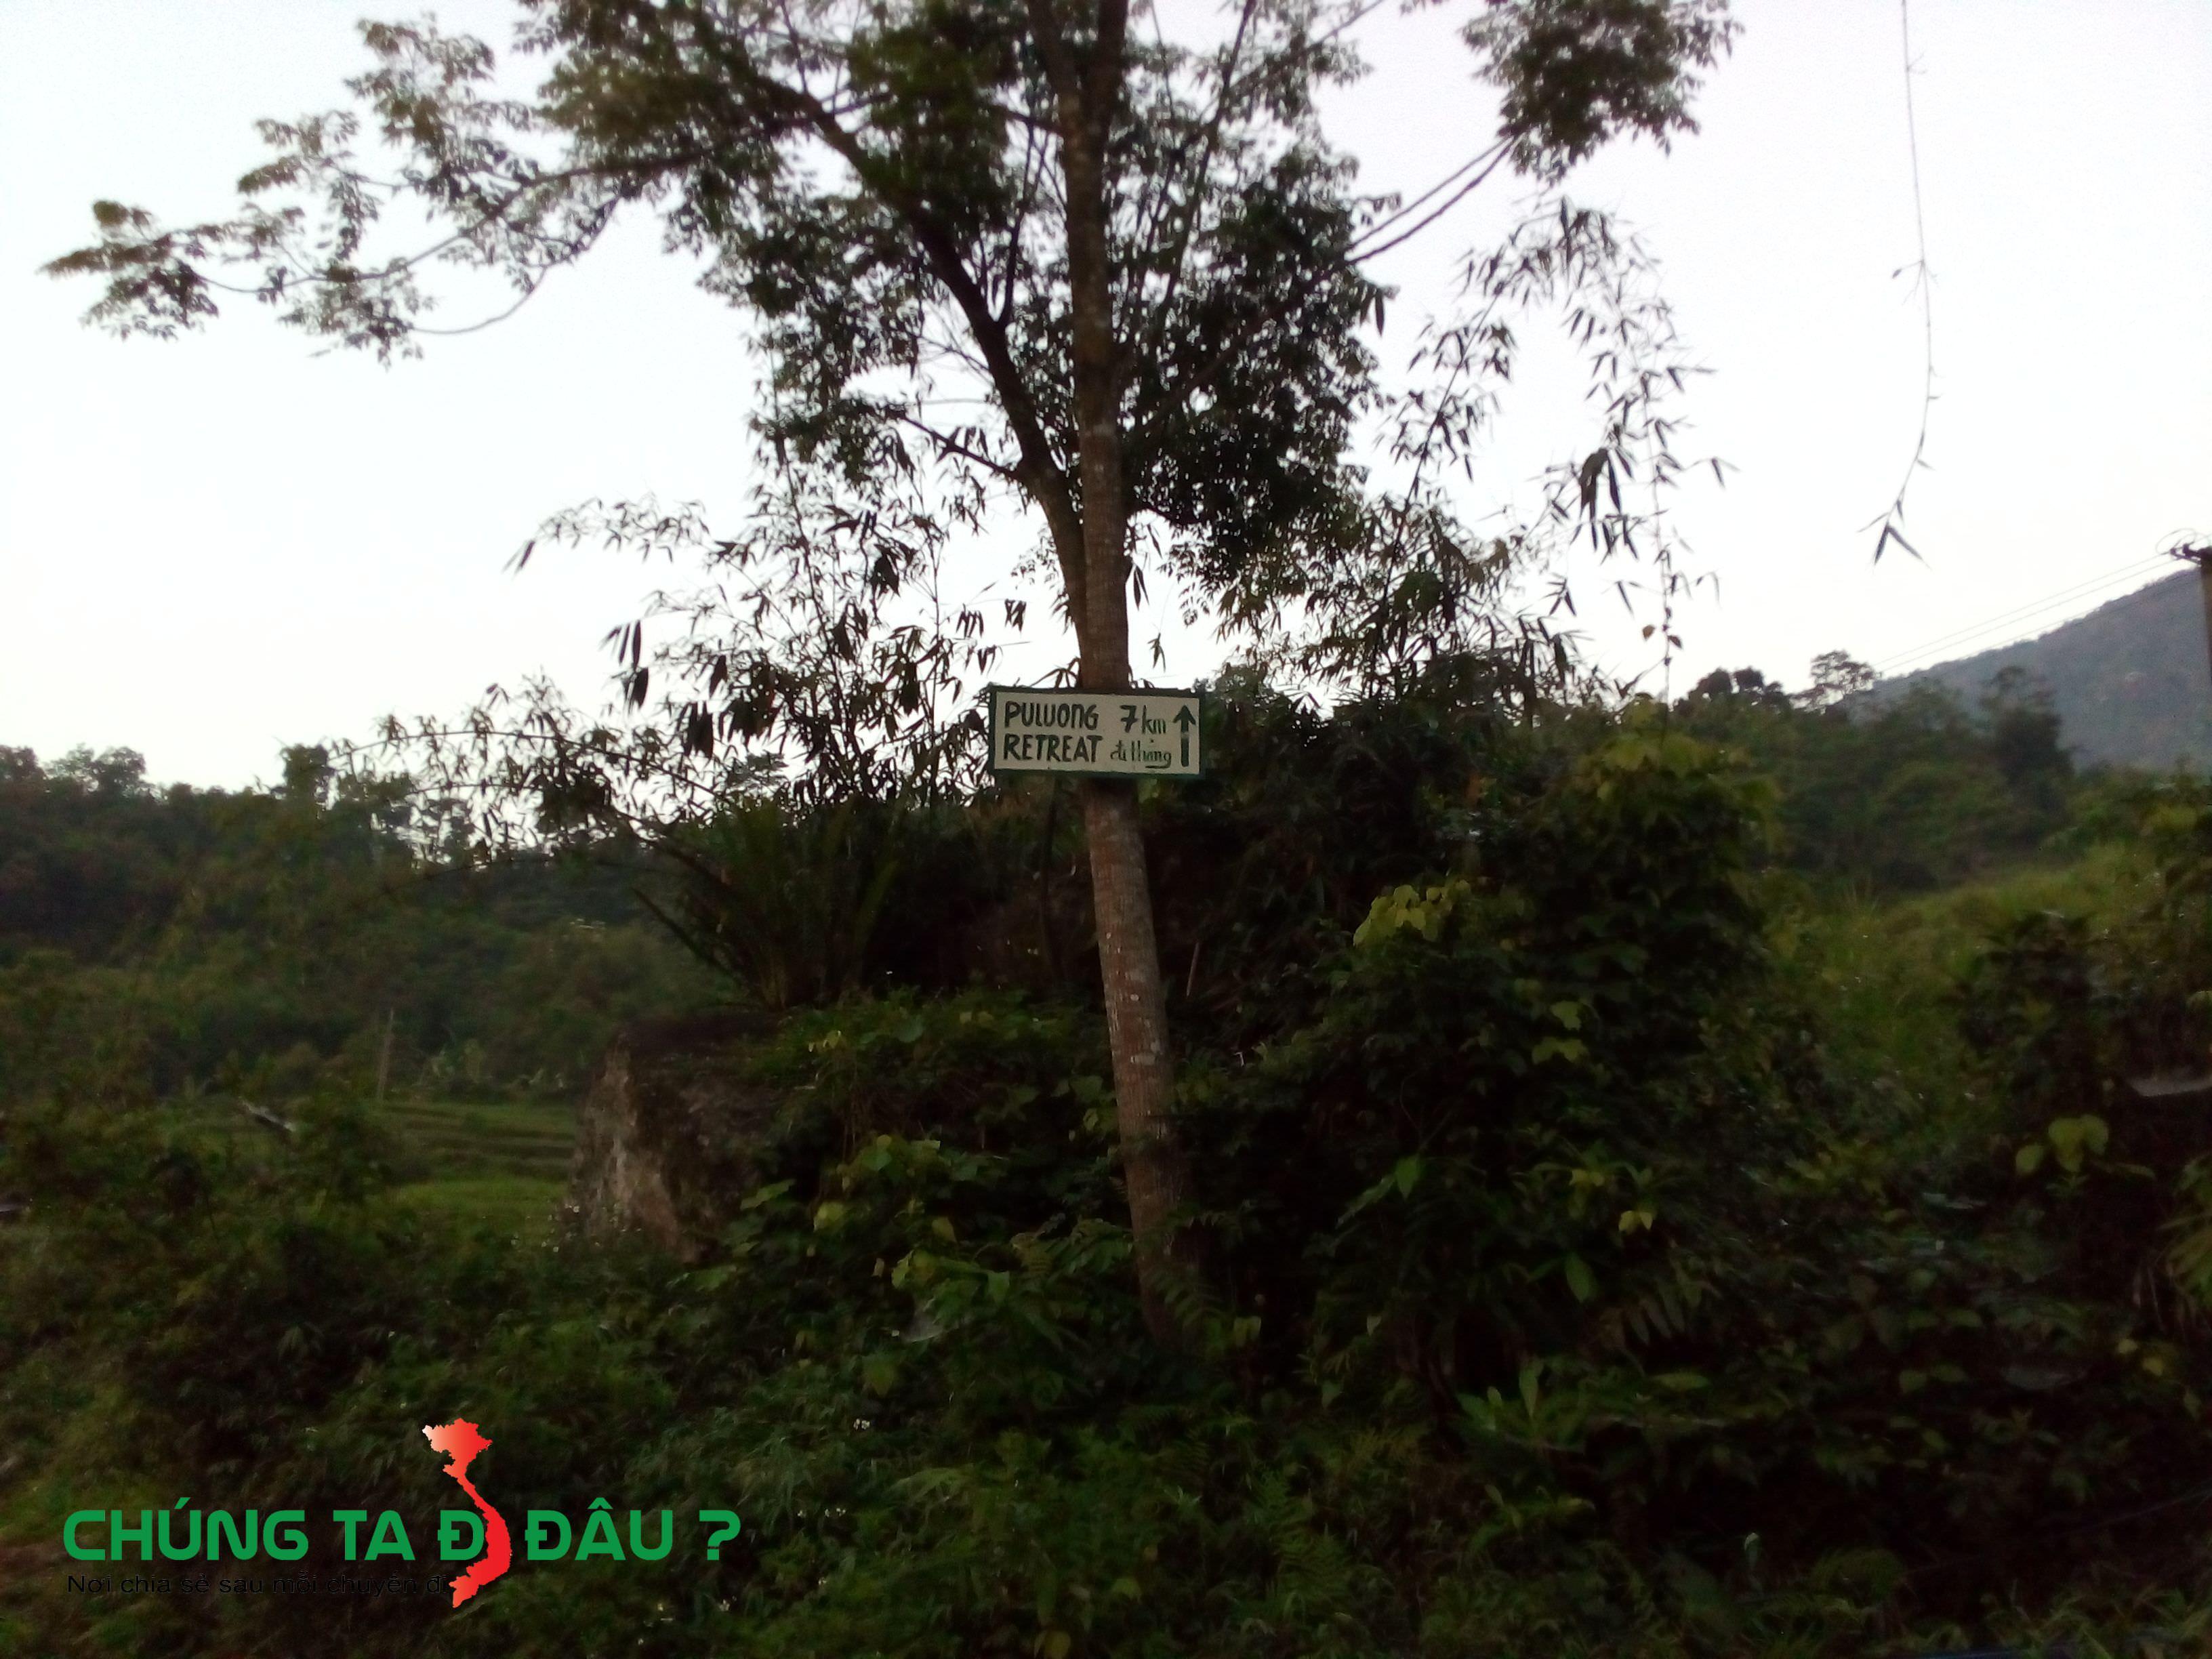 Đoạn này cách Pù Luông Retreat 7km